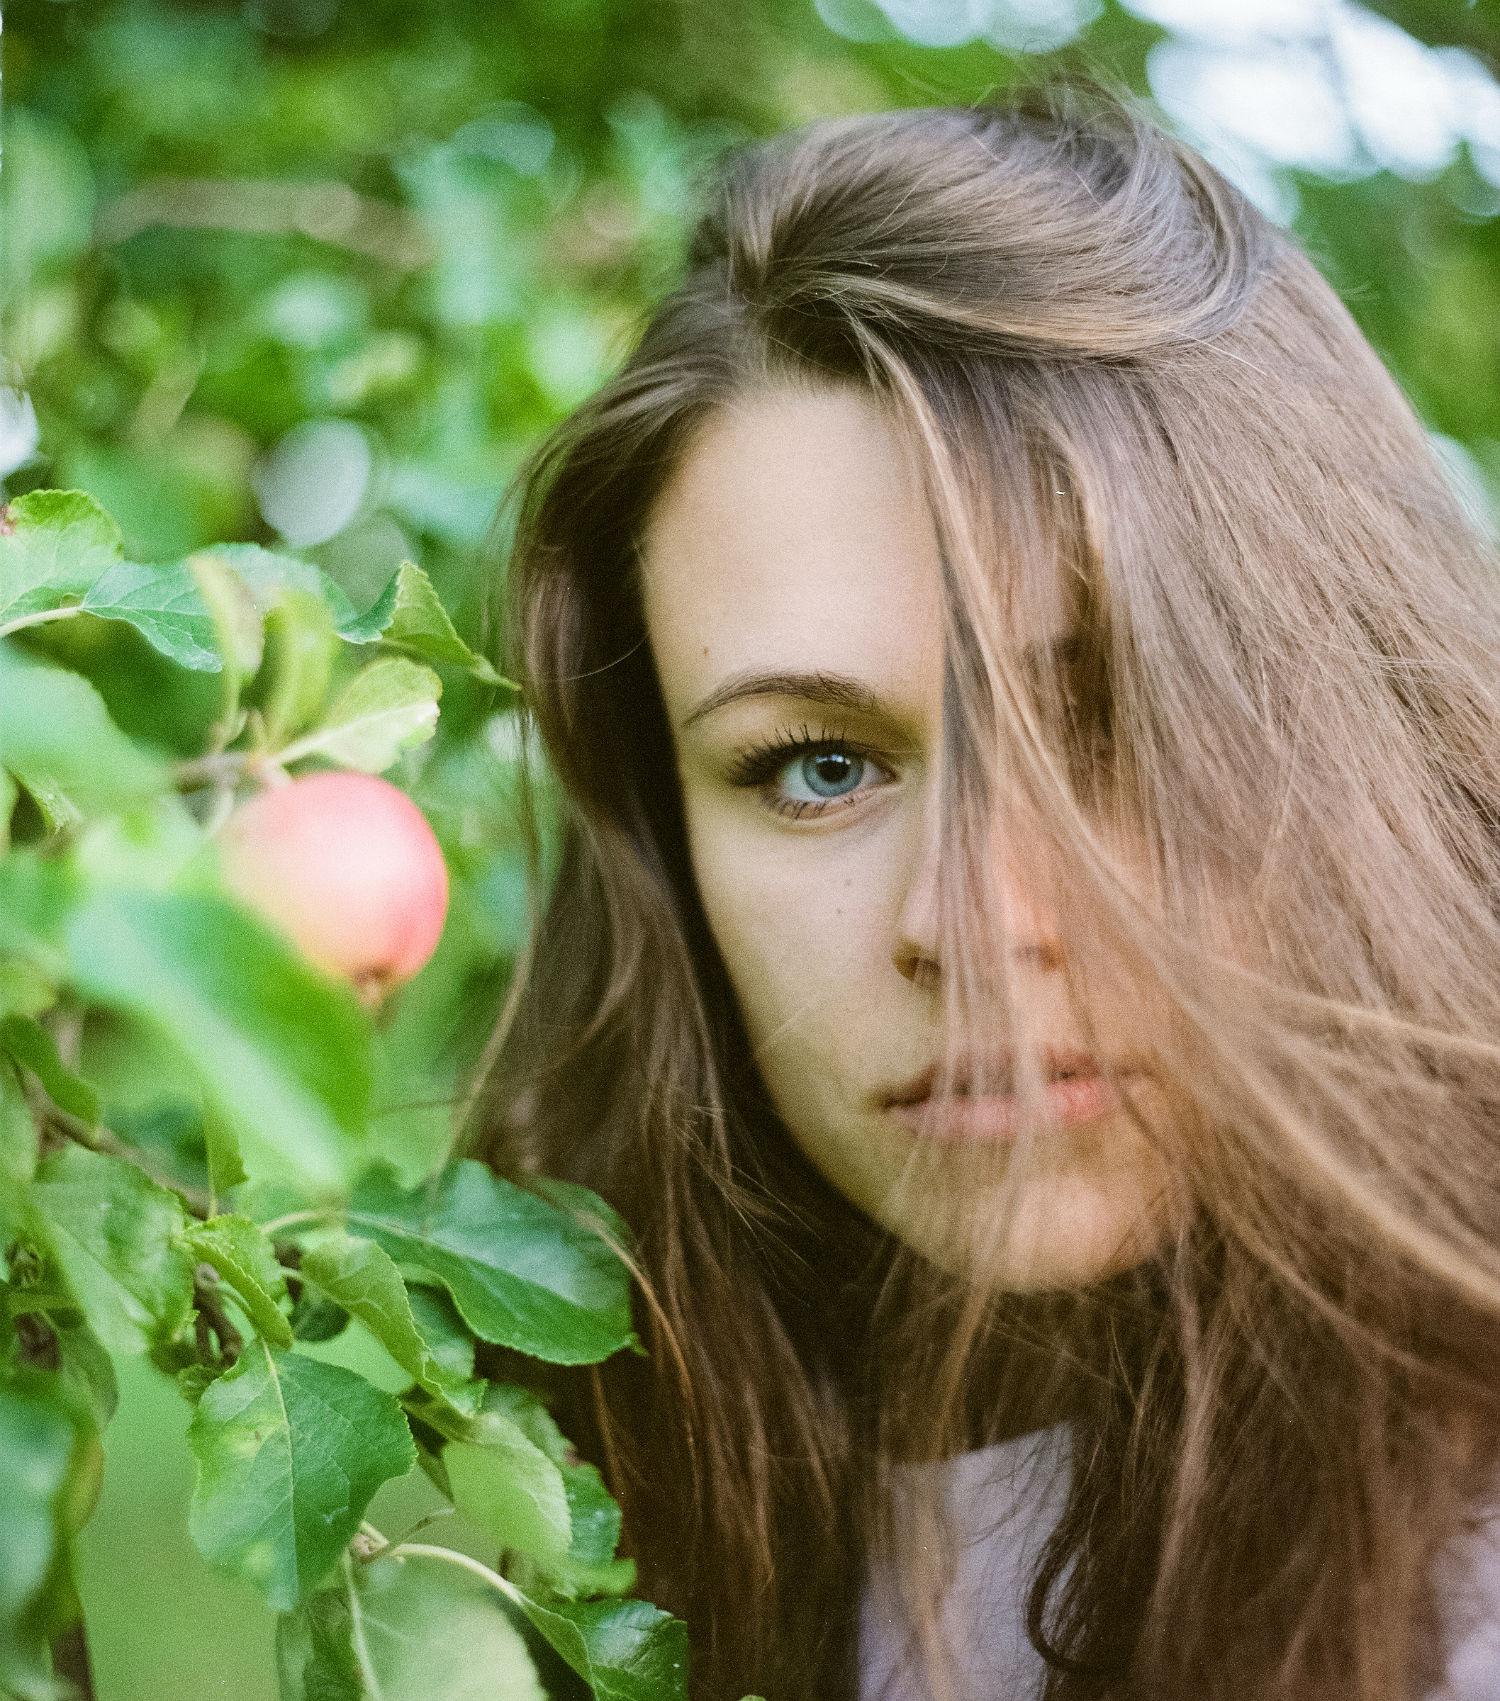 Julimaand - Portrait Juli mit Melanie Model (c) Lomoherz